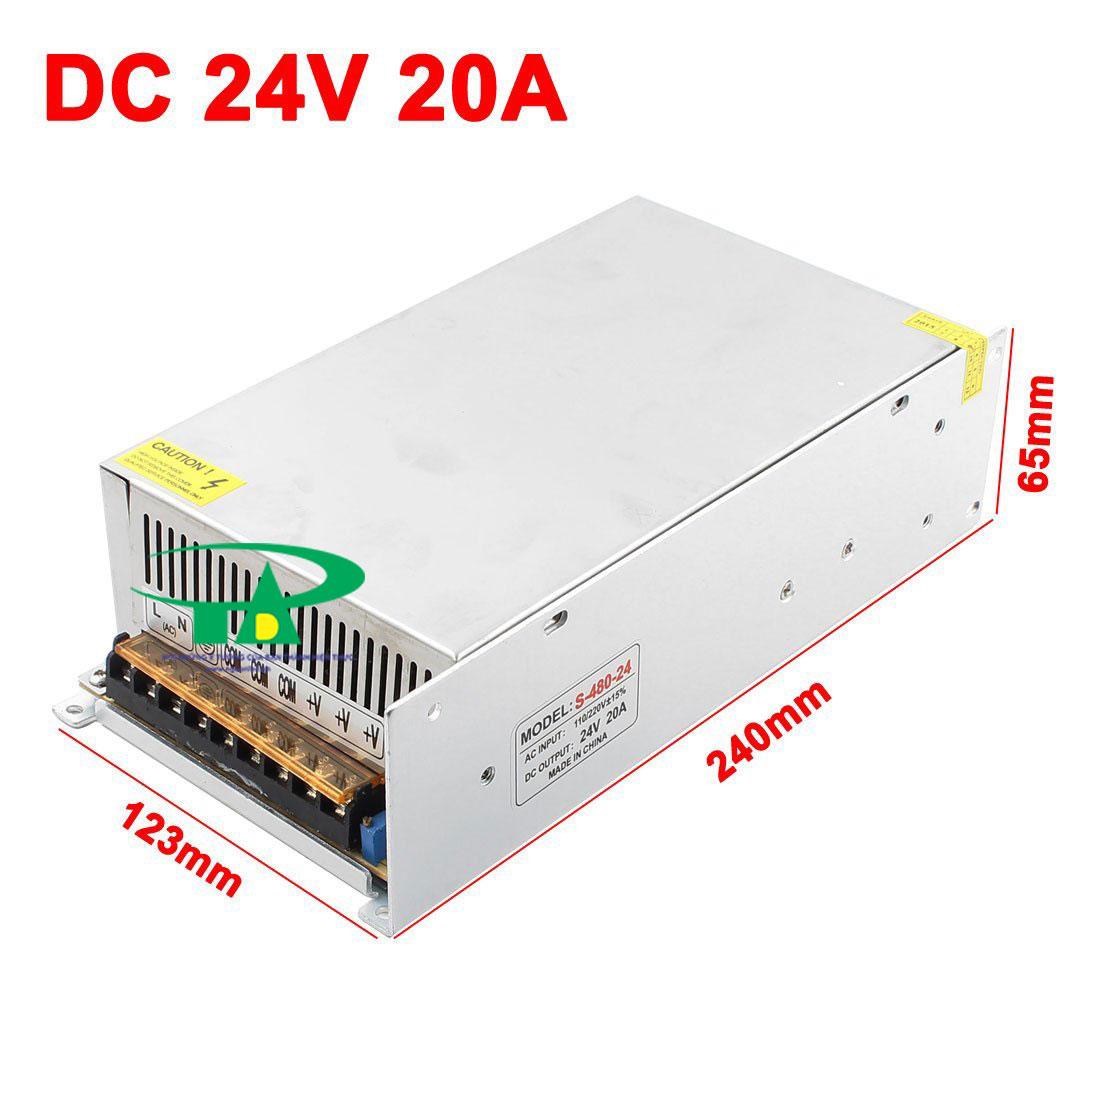 Nguồn led 24v 20A loại tốt dùng cho camera, đèn led và điện công nghiệp mua tại nguonled.vn